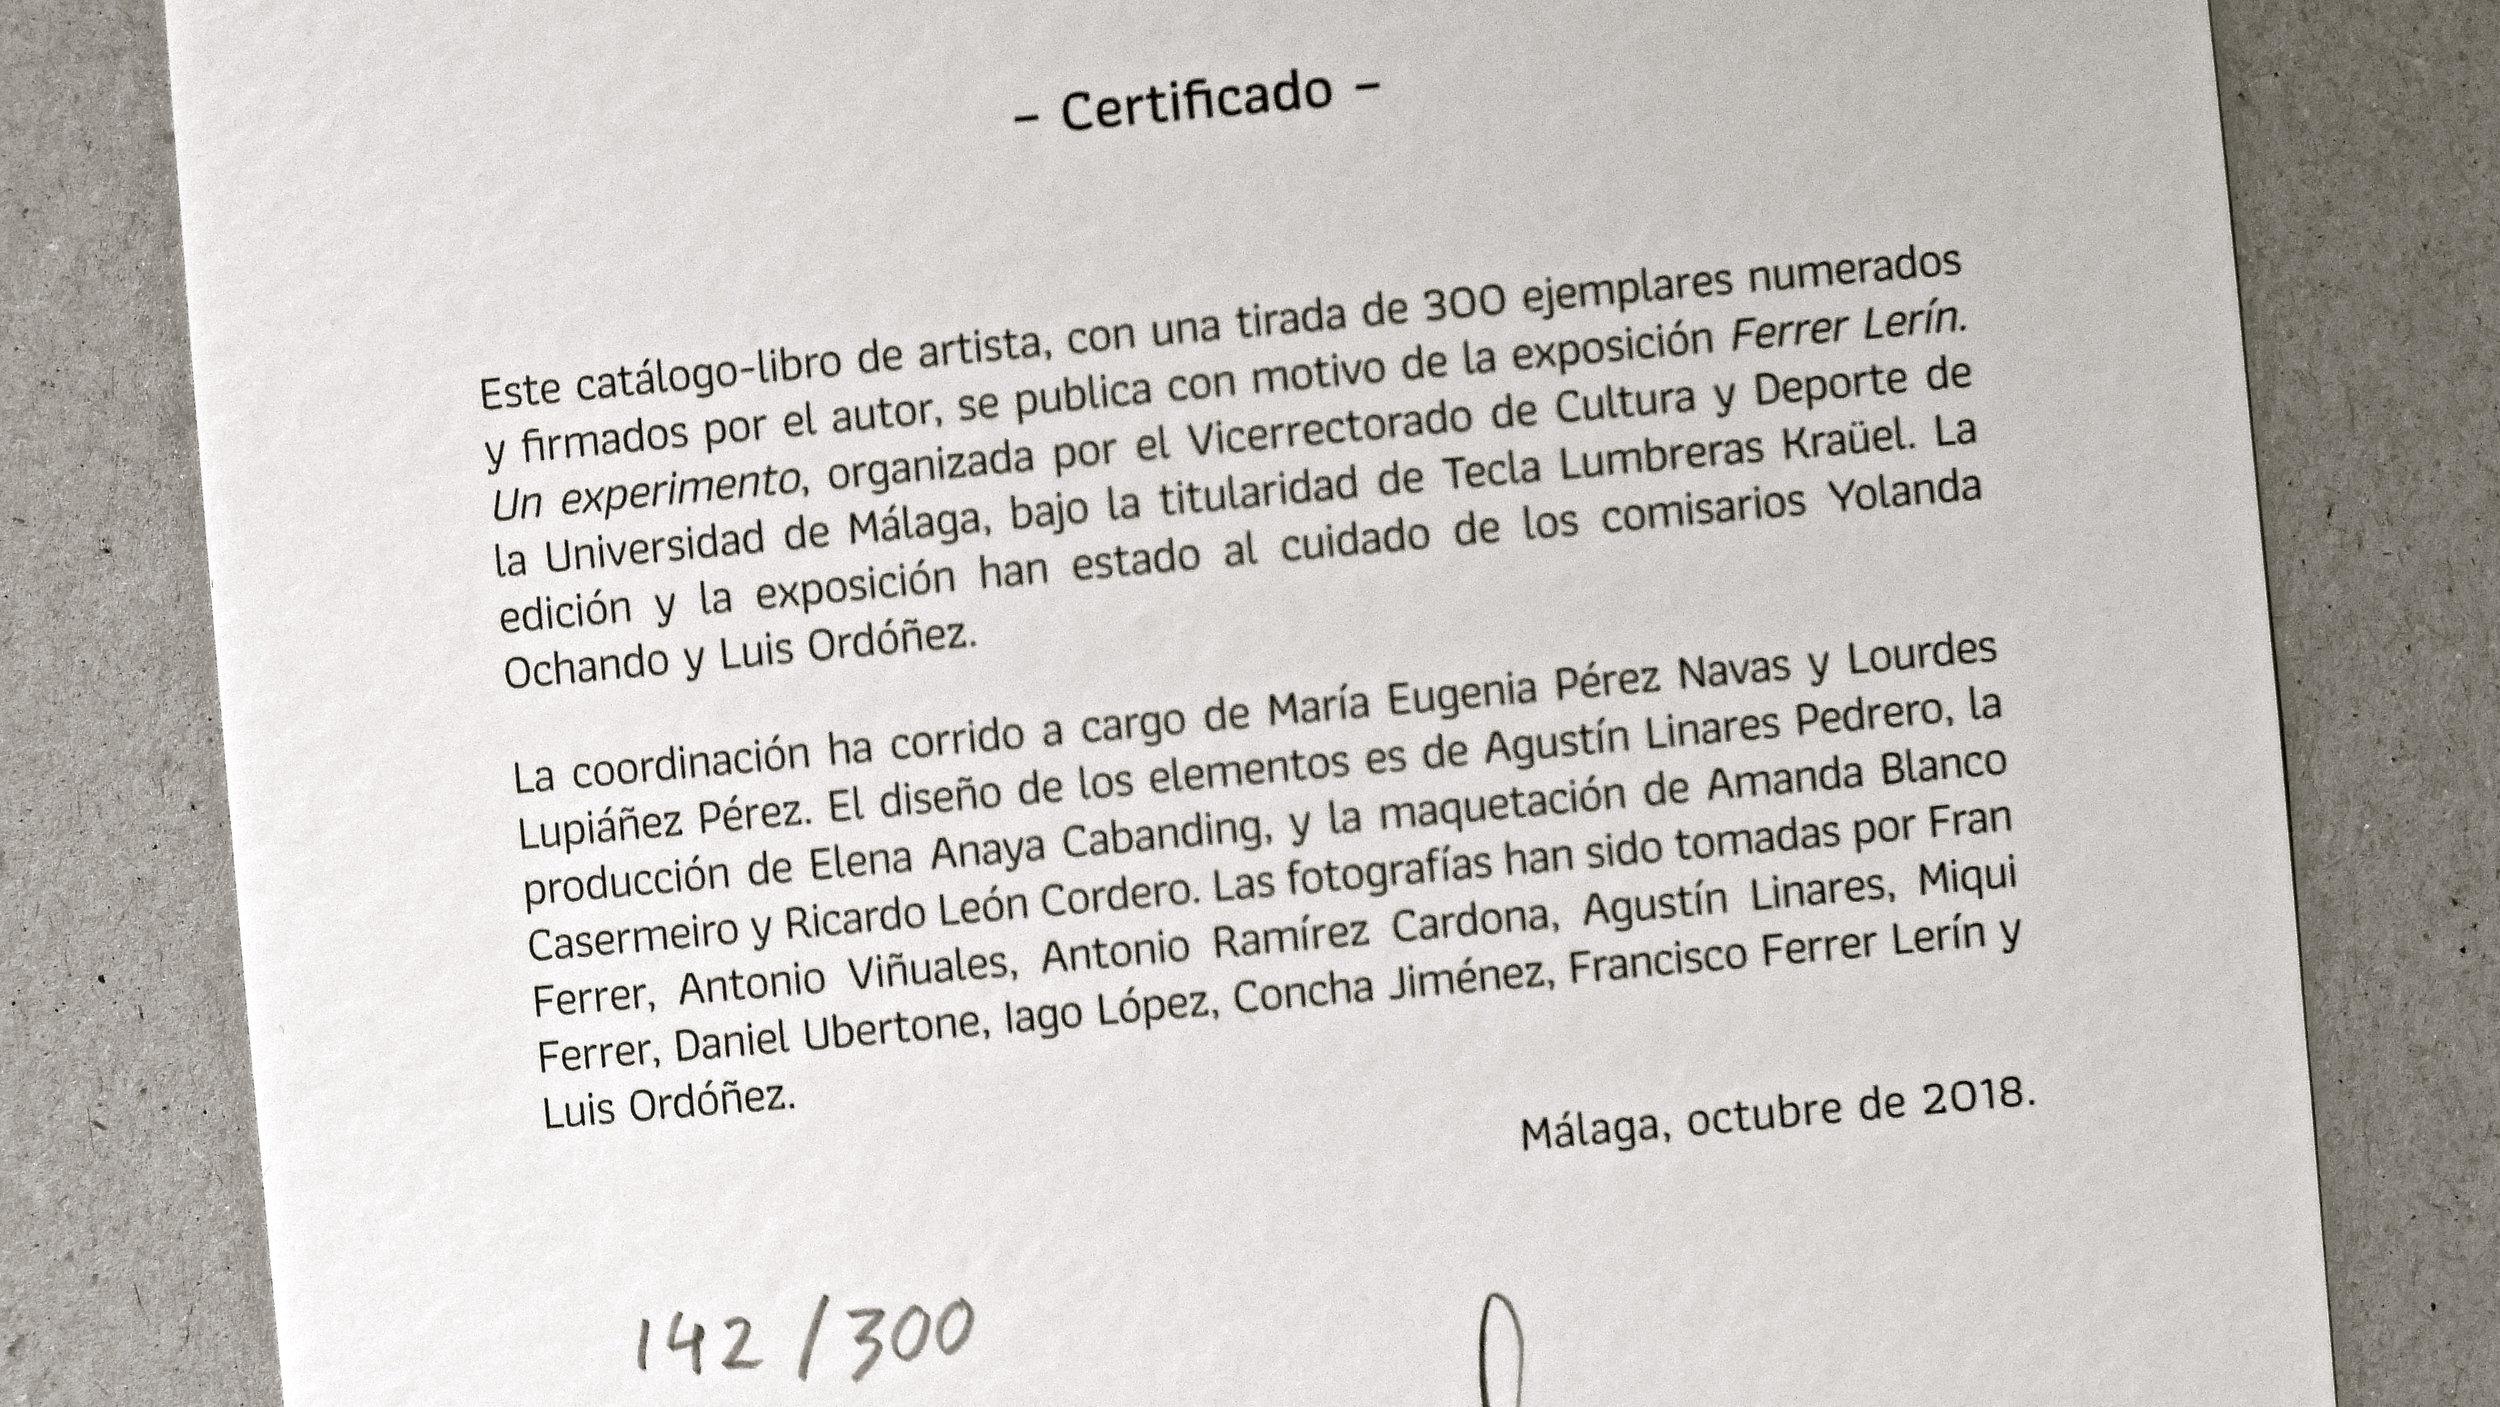 """Ferrer Lerín. """"Un experimento"""" - 30"""